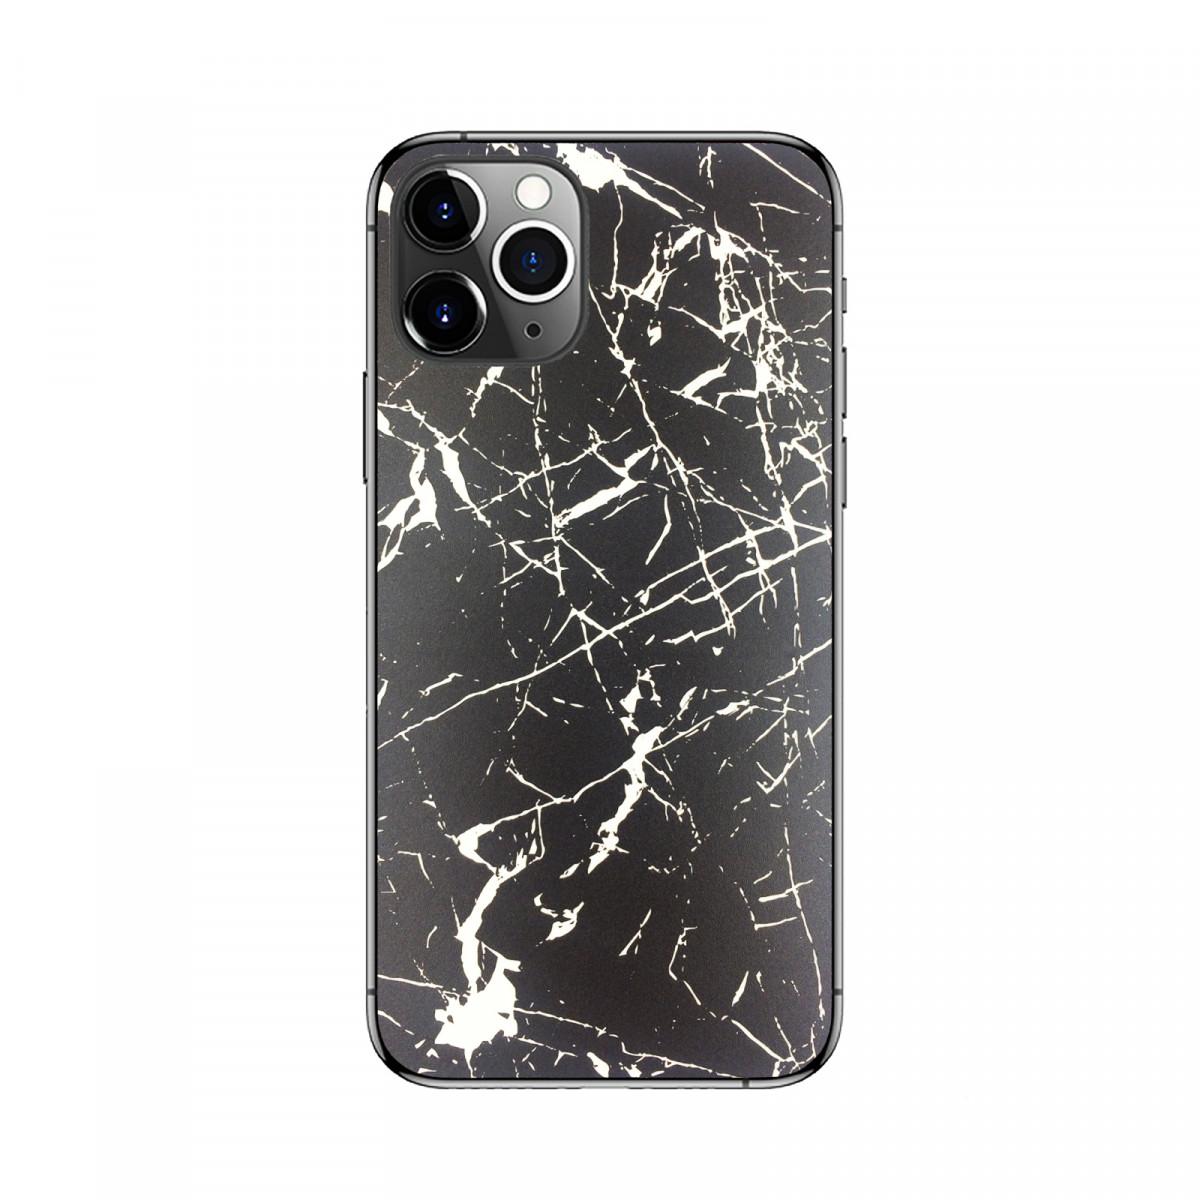 Плівка захисна накладка на панель телефону Чорно-білий мармур